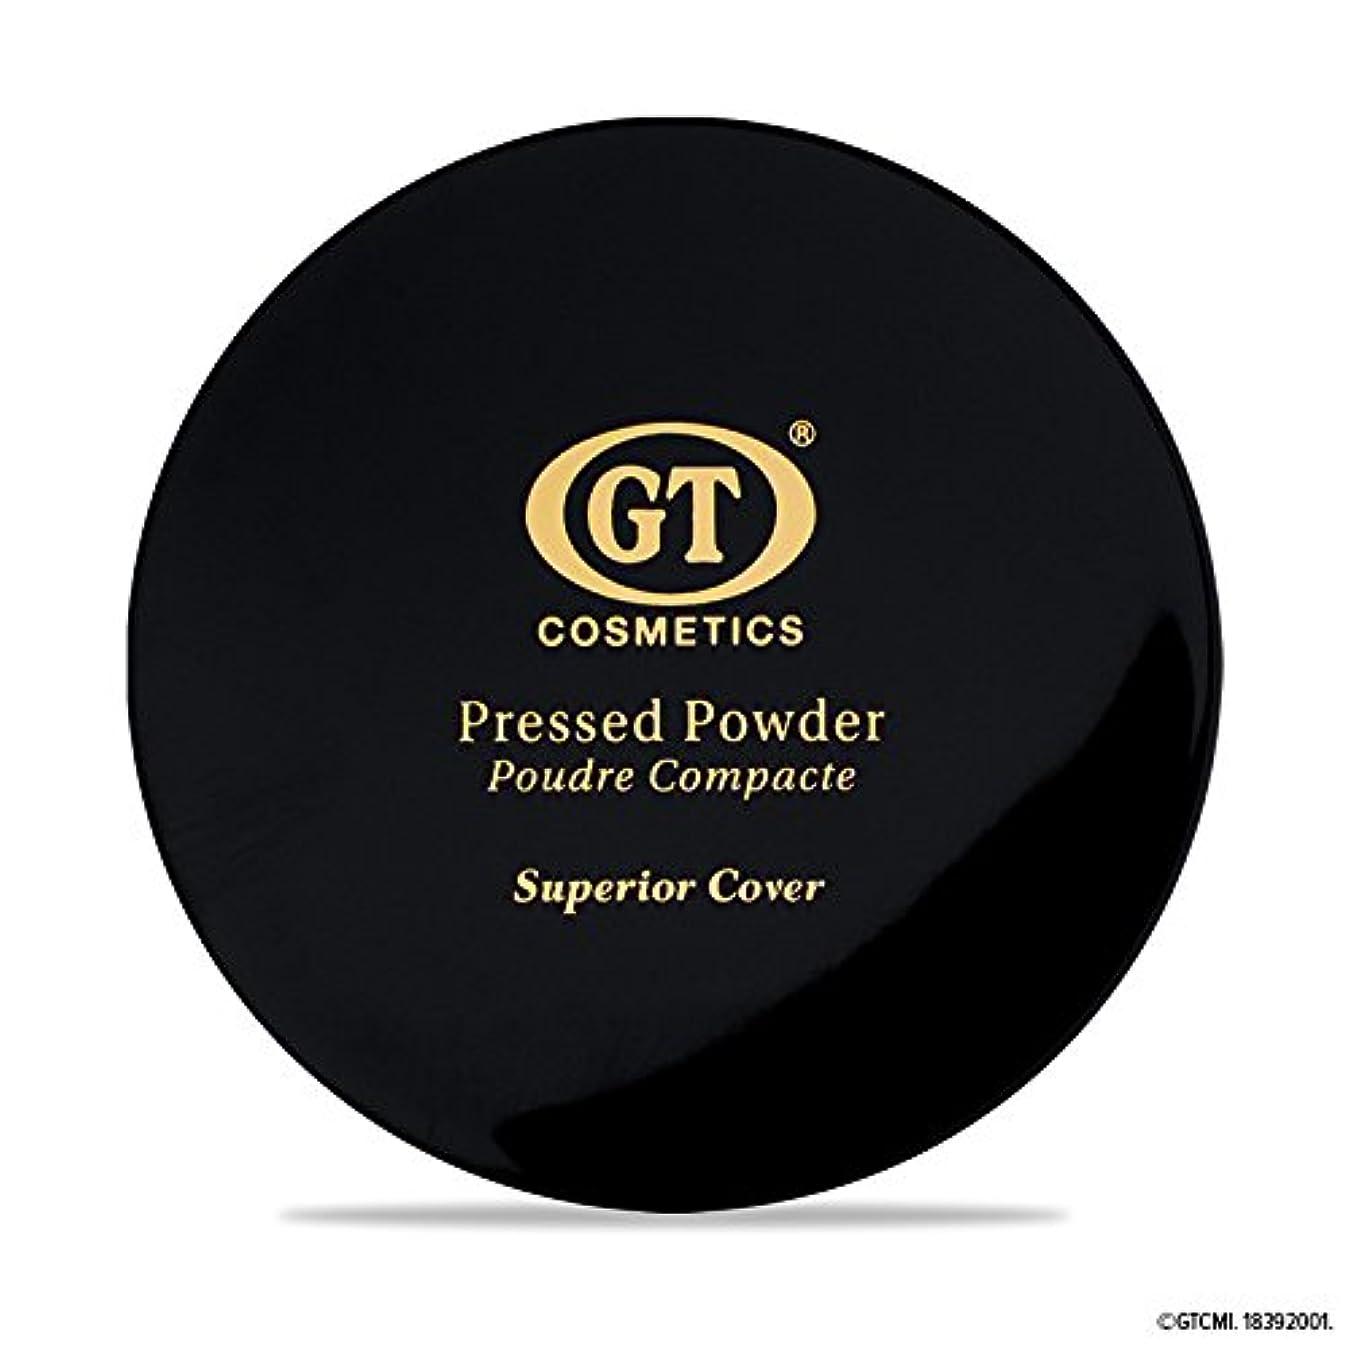 嫌がる邪悪な不明瞭GTpressed powder ナチュラルベージュ SPF20 正規輸入代理店 日本初上陸 コスメティック オーガニック ファンデーション